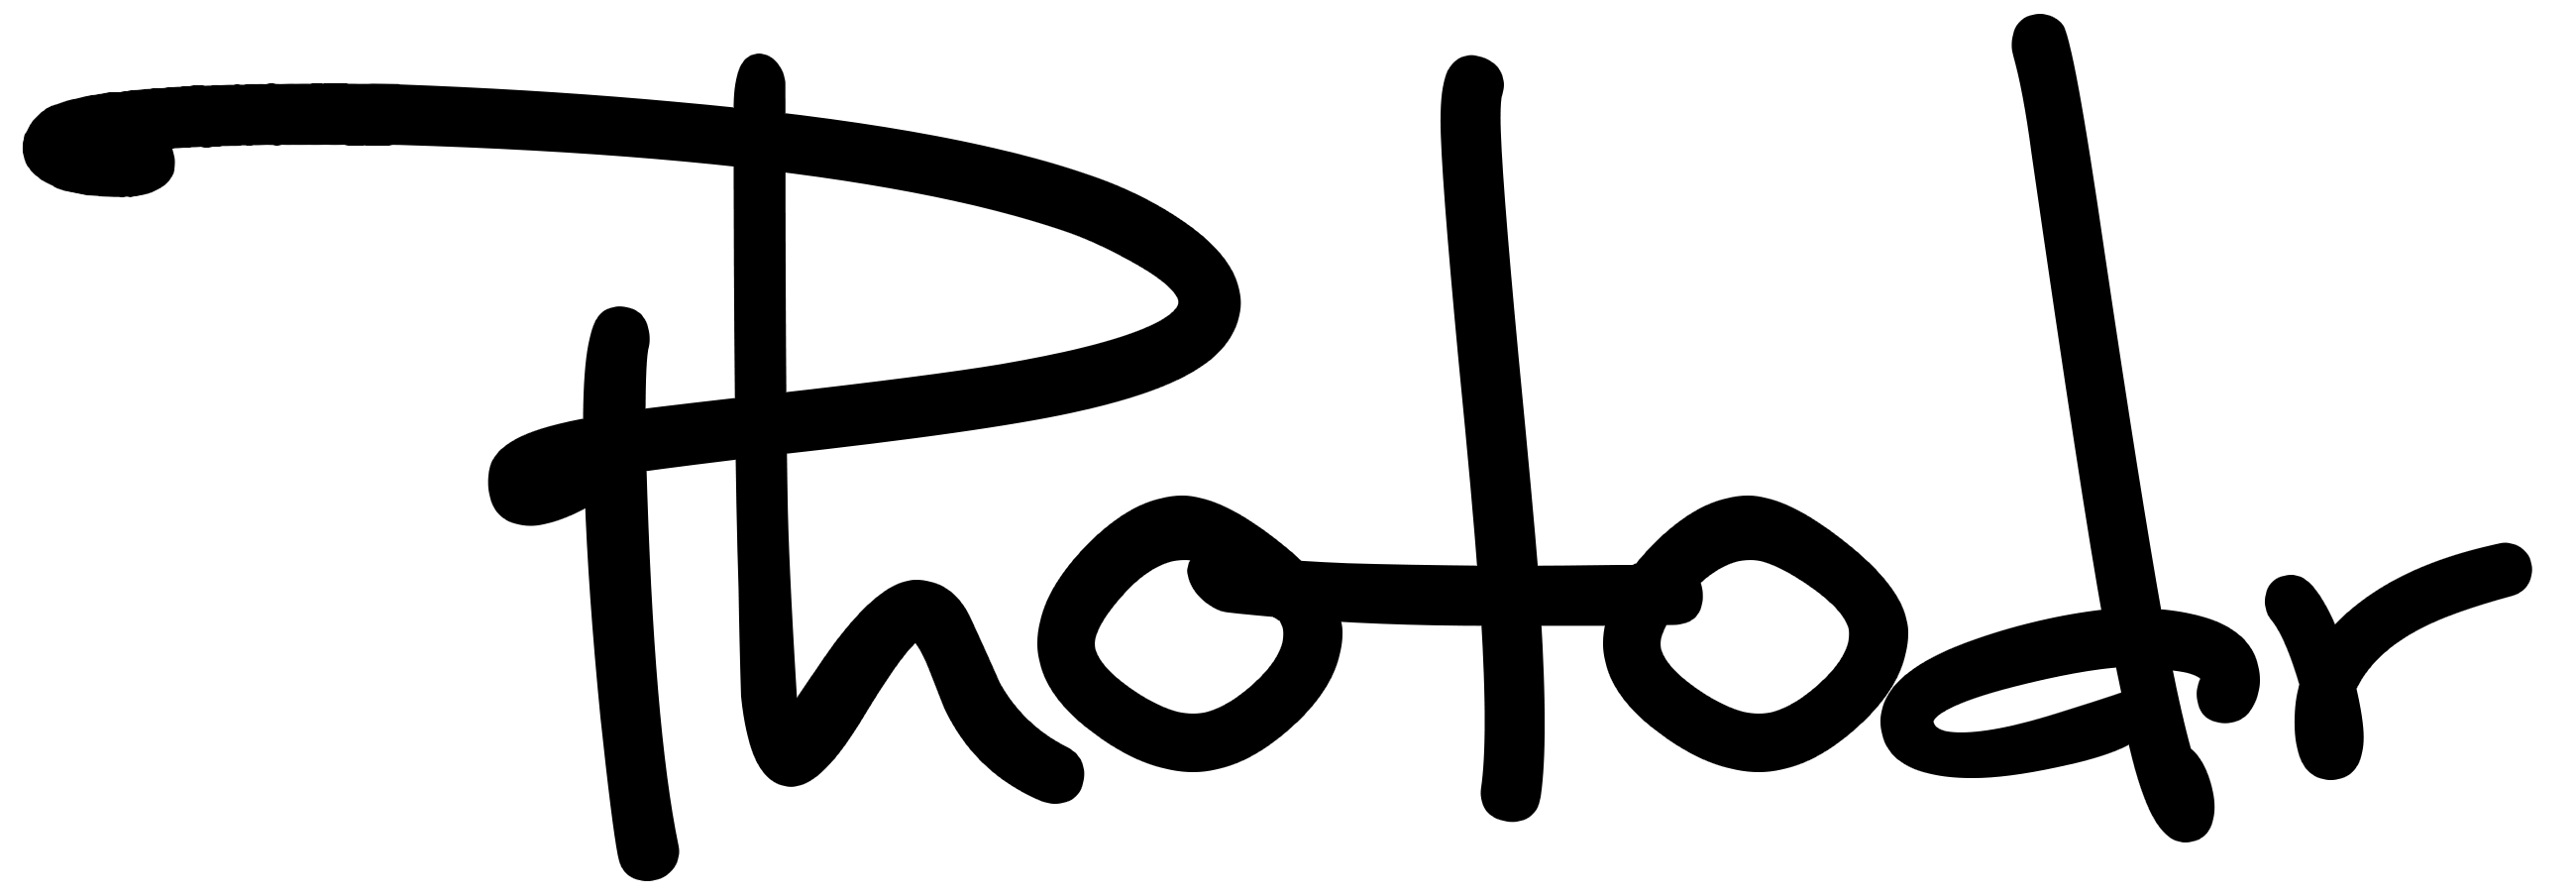 Photodr